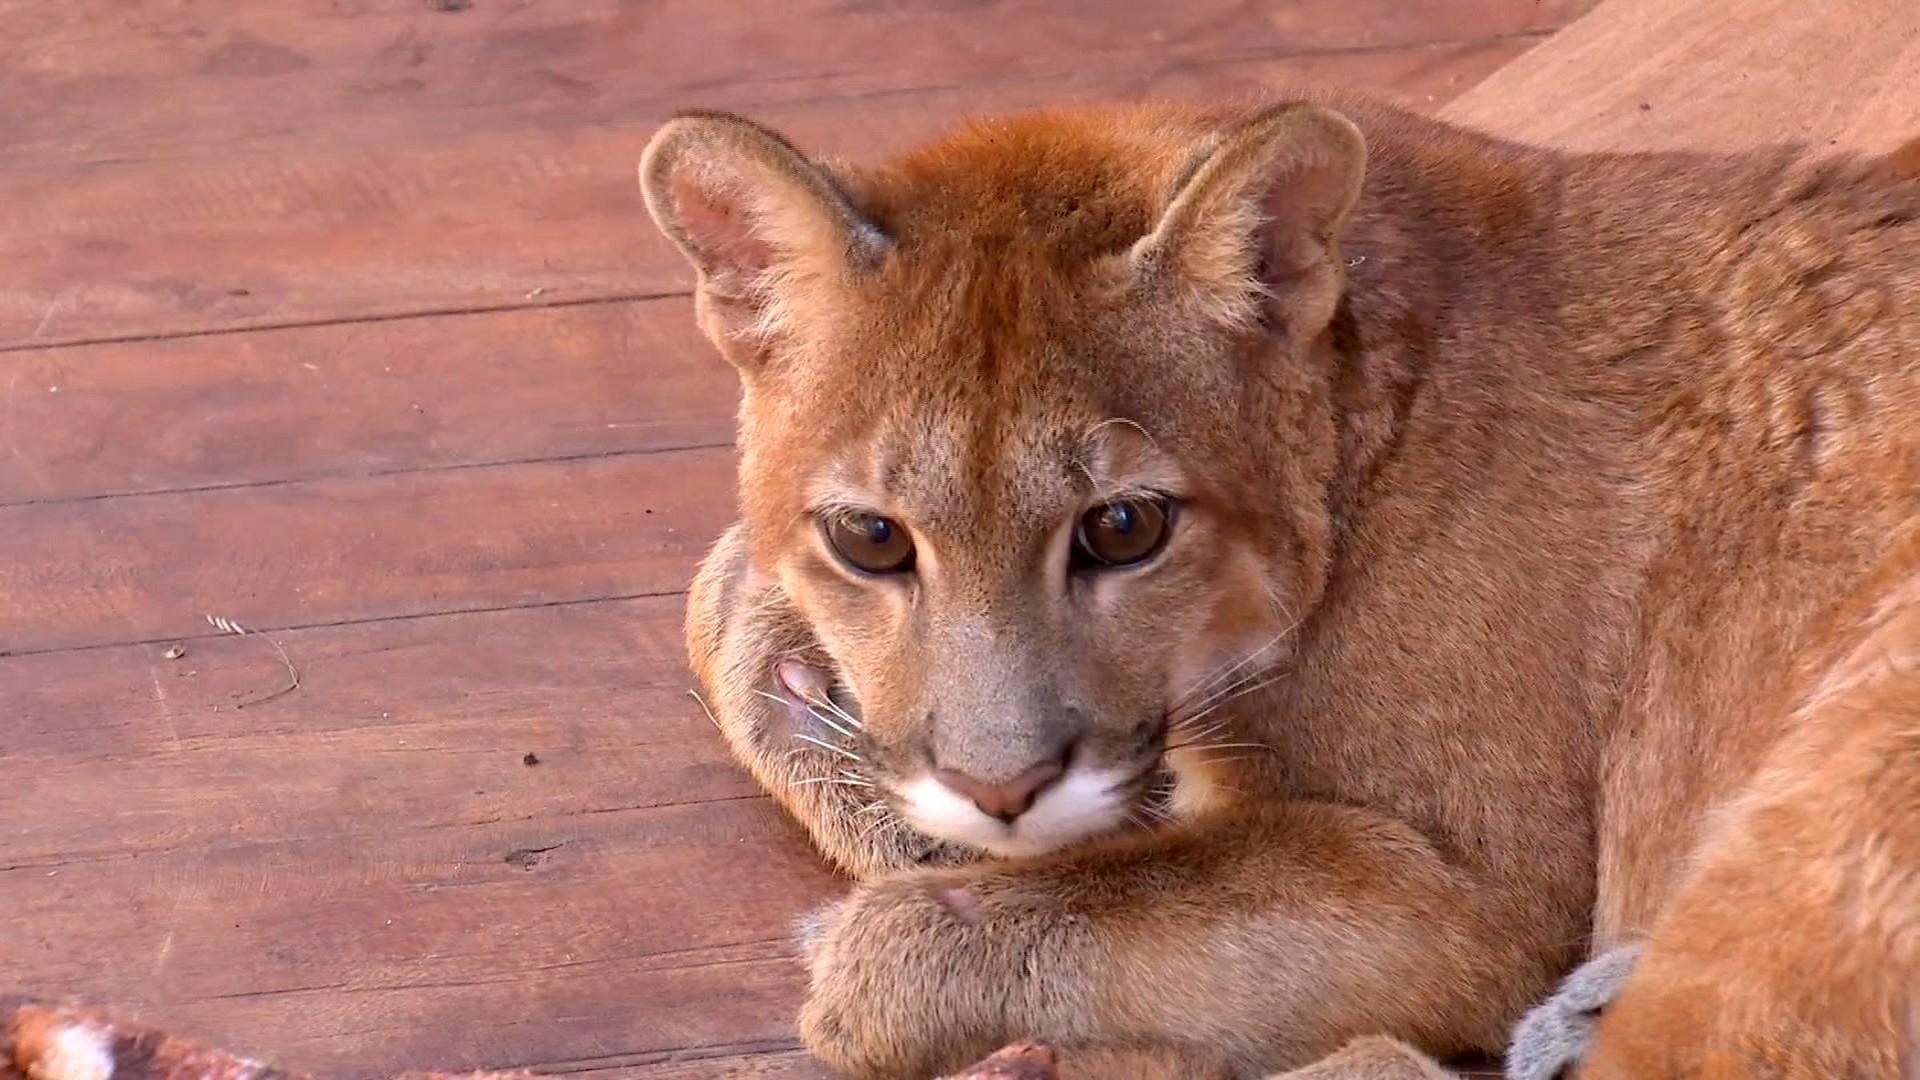 Número de animais silvestres socorridos aumenta em época de queimadas